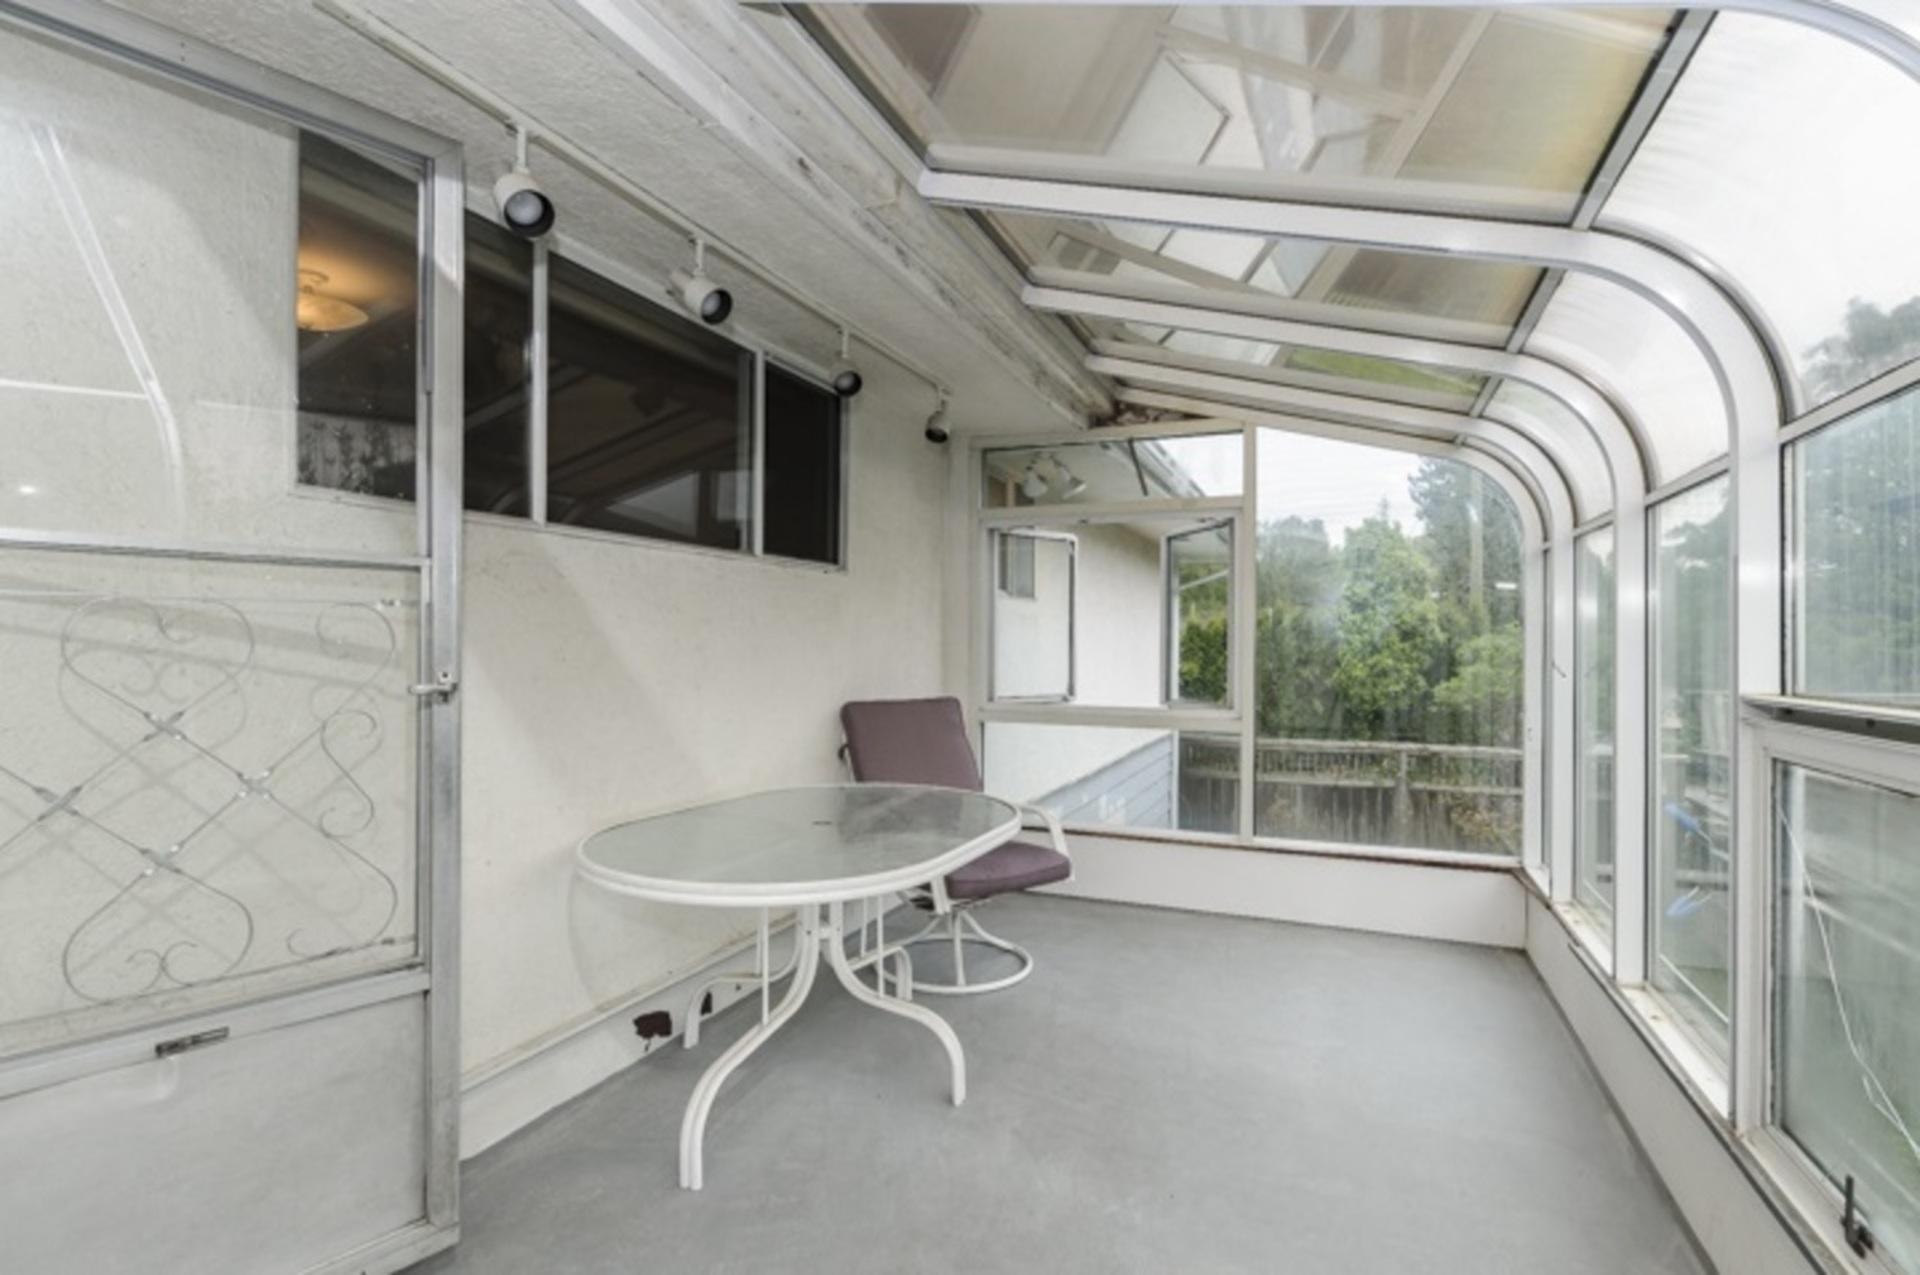 7230-kitchener-street-simon-fraser-univer-burnaby-north-16 at 7230 Kitchener Street, Burnaby North